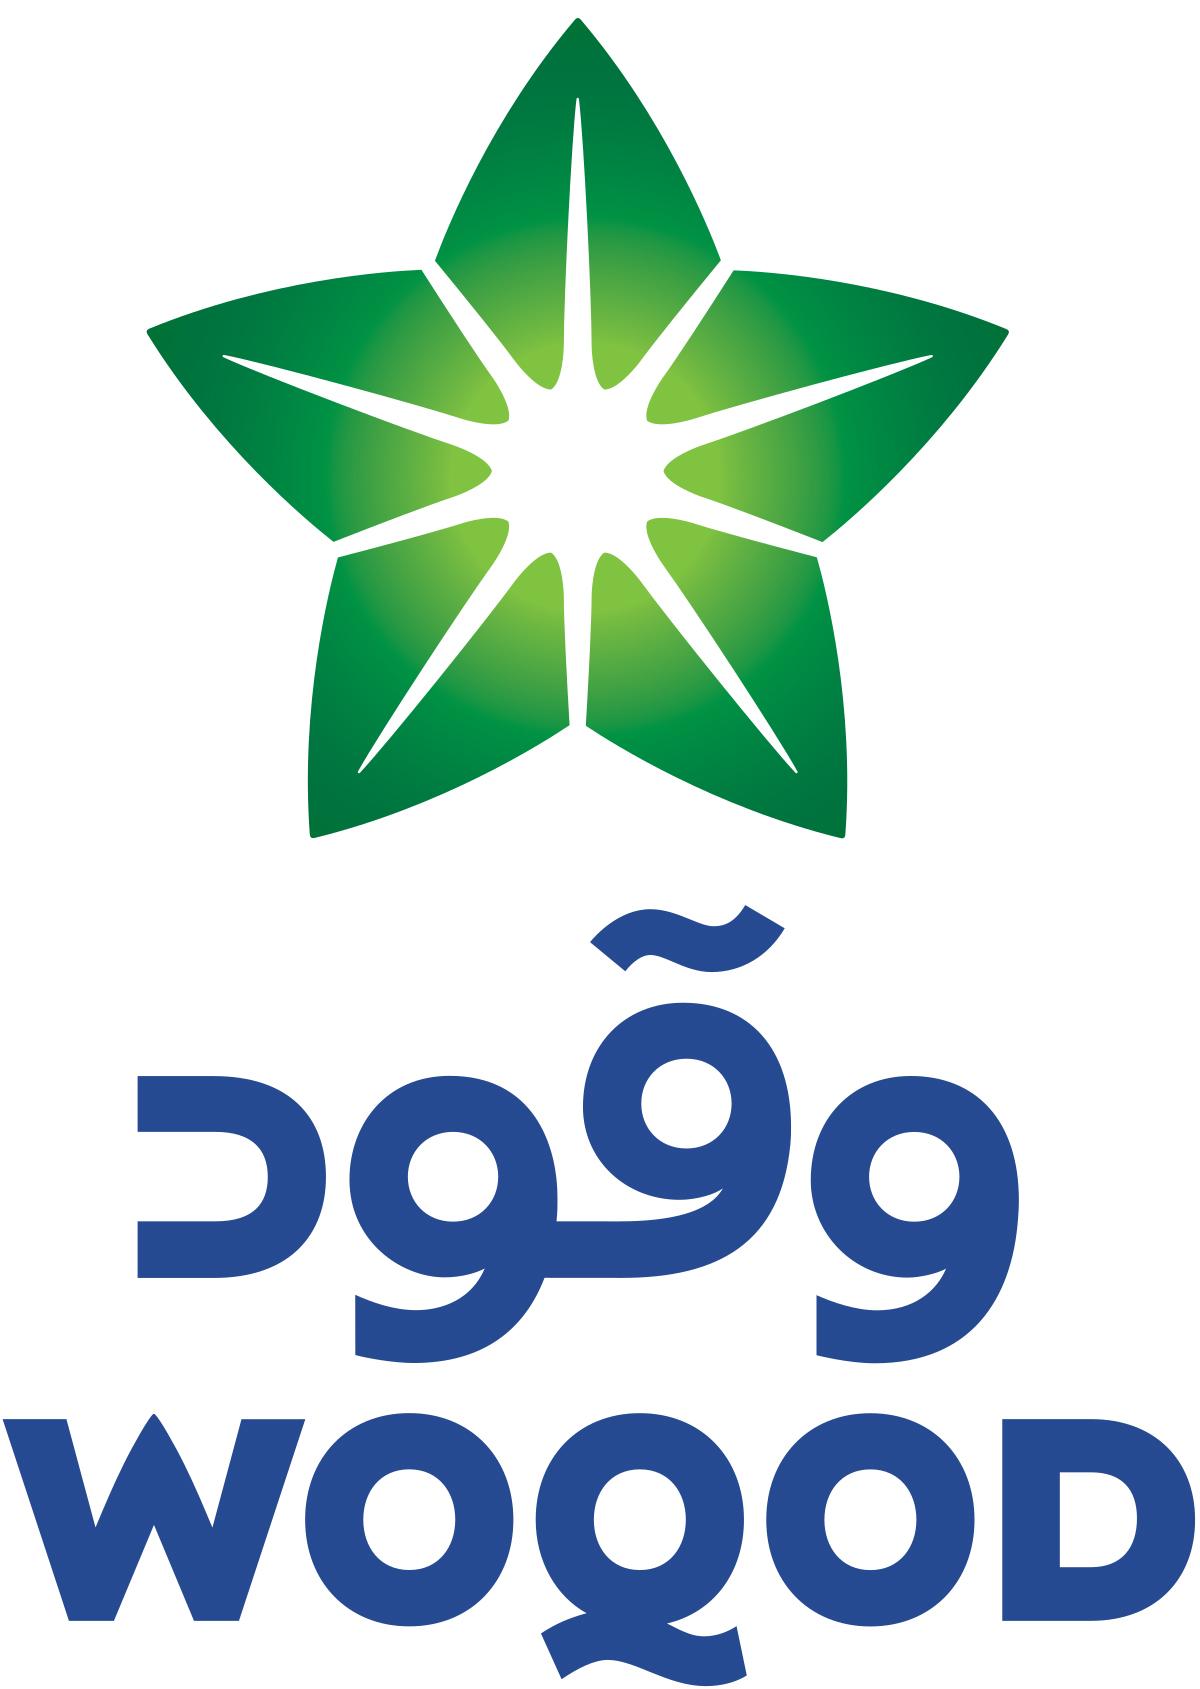 AL THUMAMA -2 PETROL STATION., PETROL PUMP,  service in Al Thumama (Al Wakrah), Al Wakrah